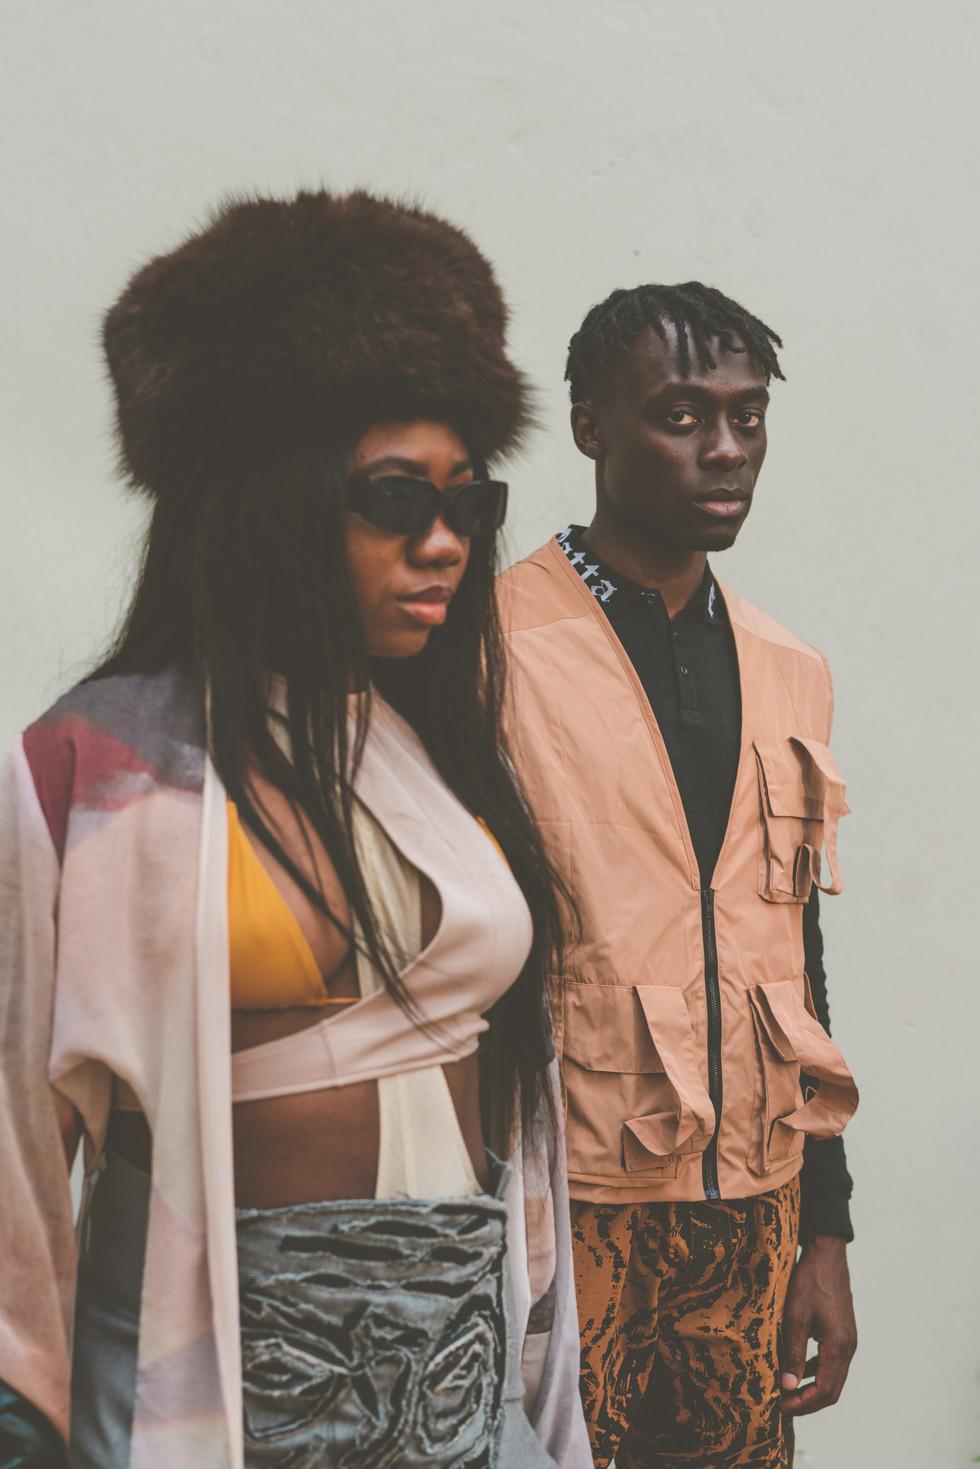 Stylist: Skylar Hamilton Wearing: Lydia Fung (Female) Patta, A Cold Wall